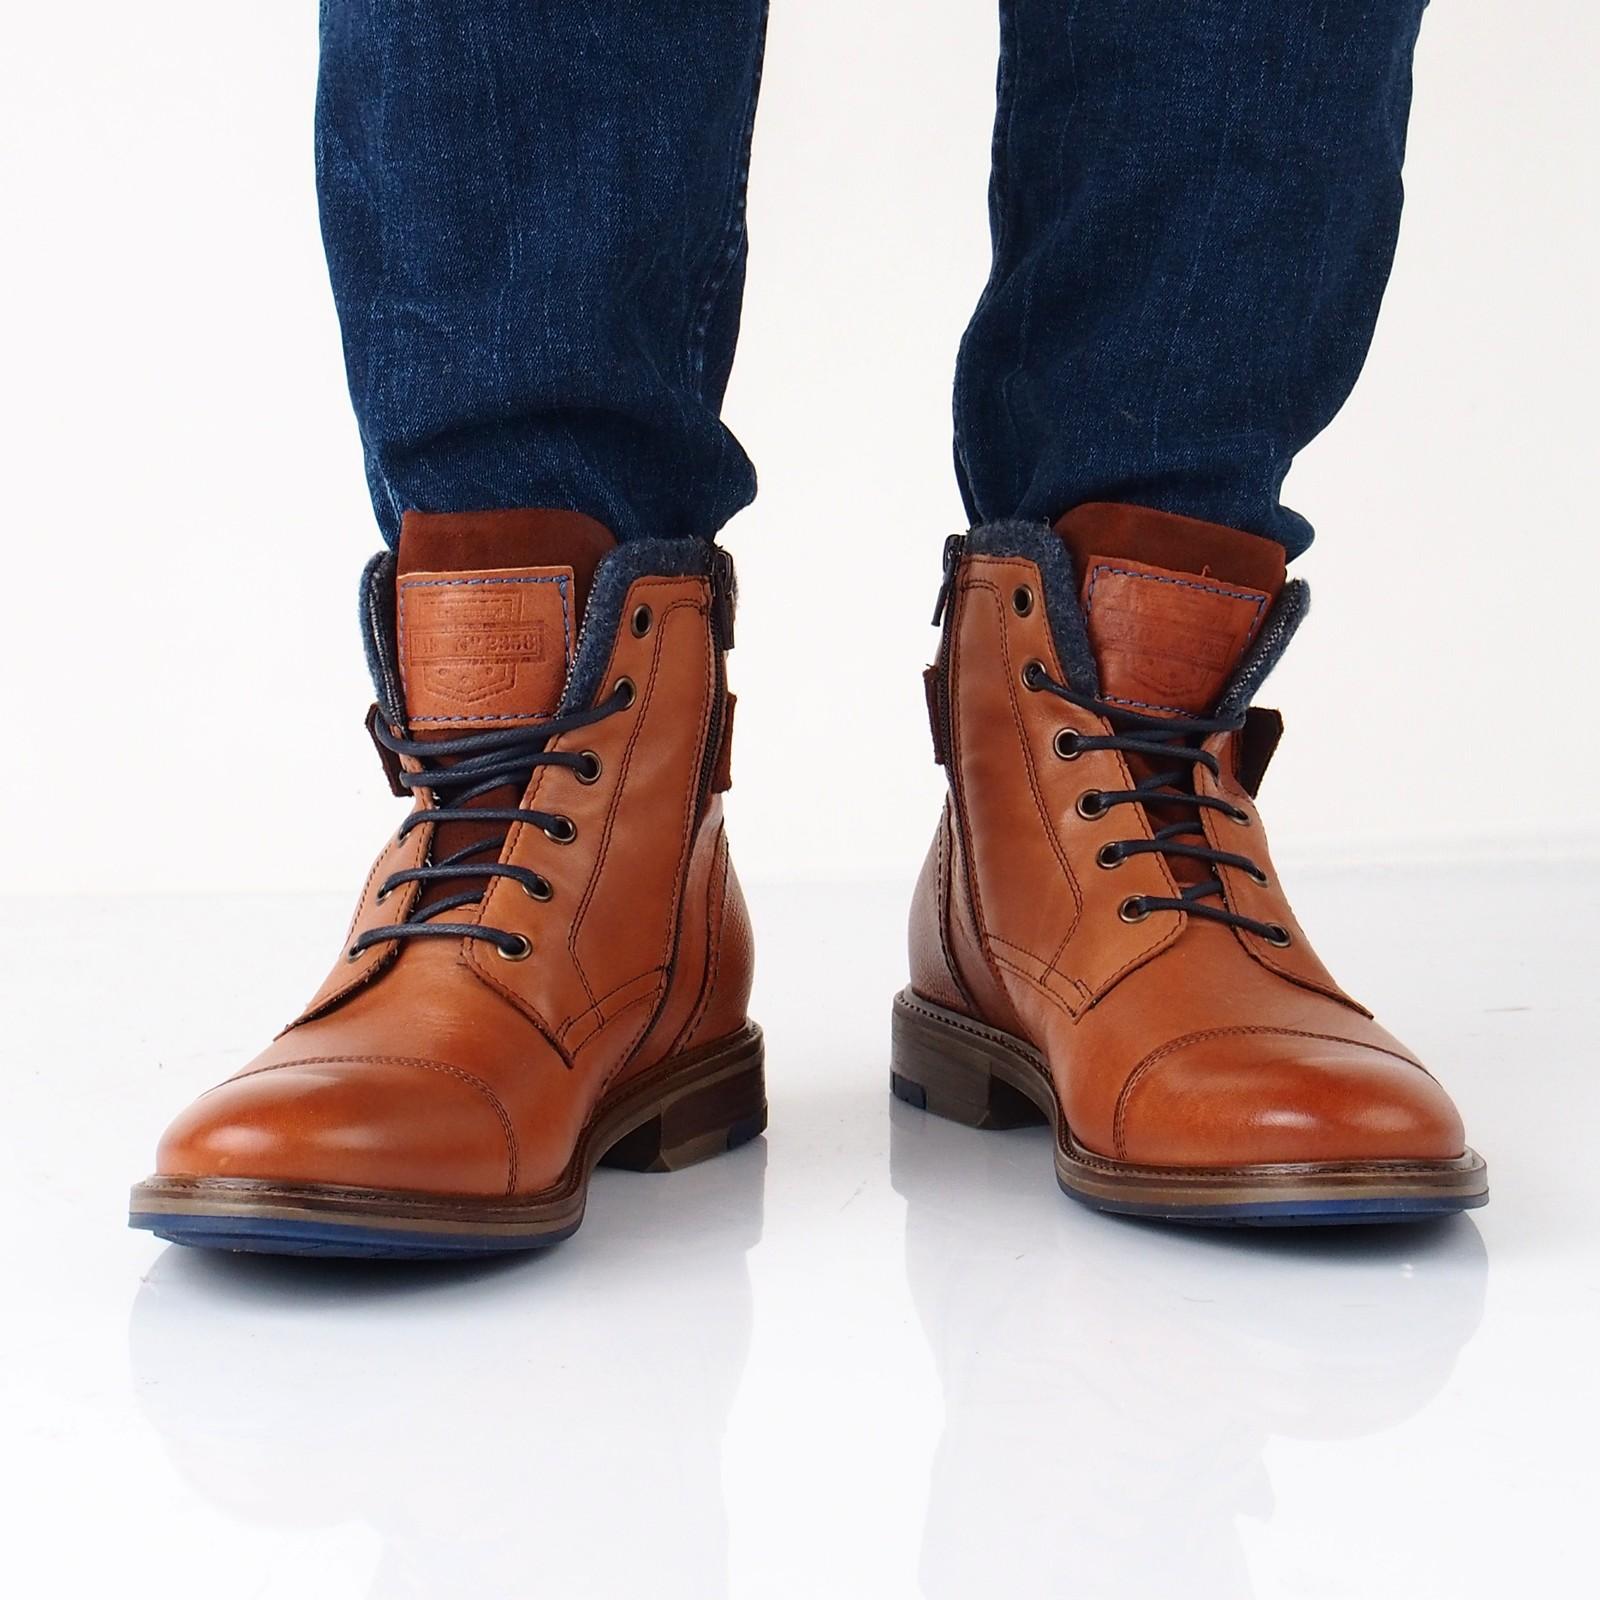 d2de74a578 Offroad pánska kožená členková obuv - hnedá ...